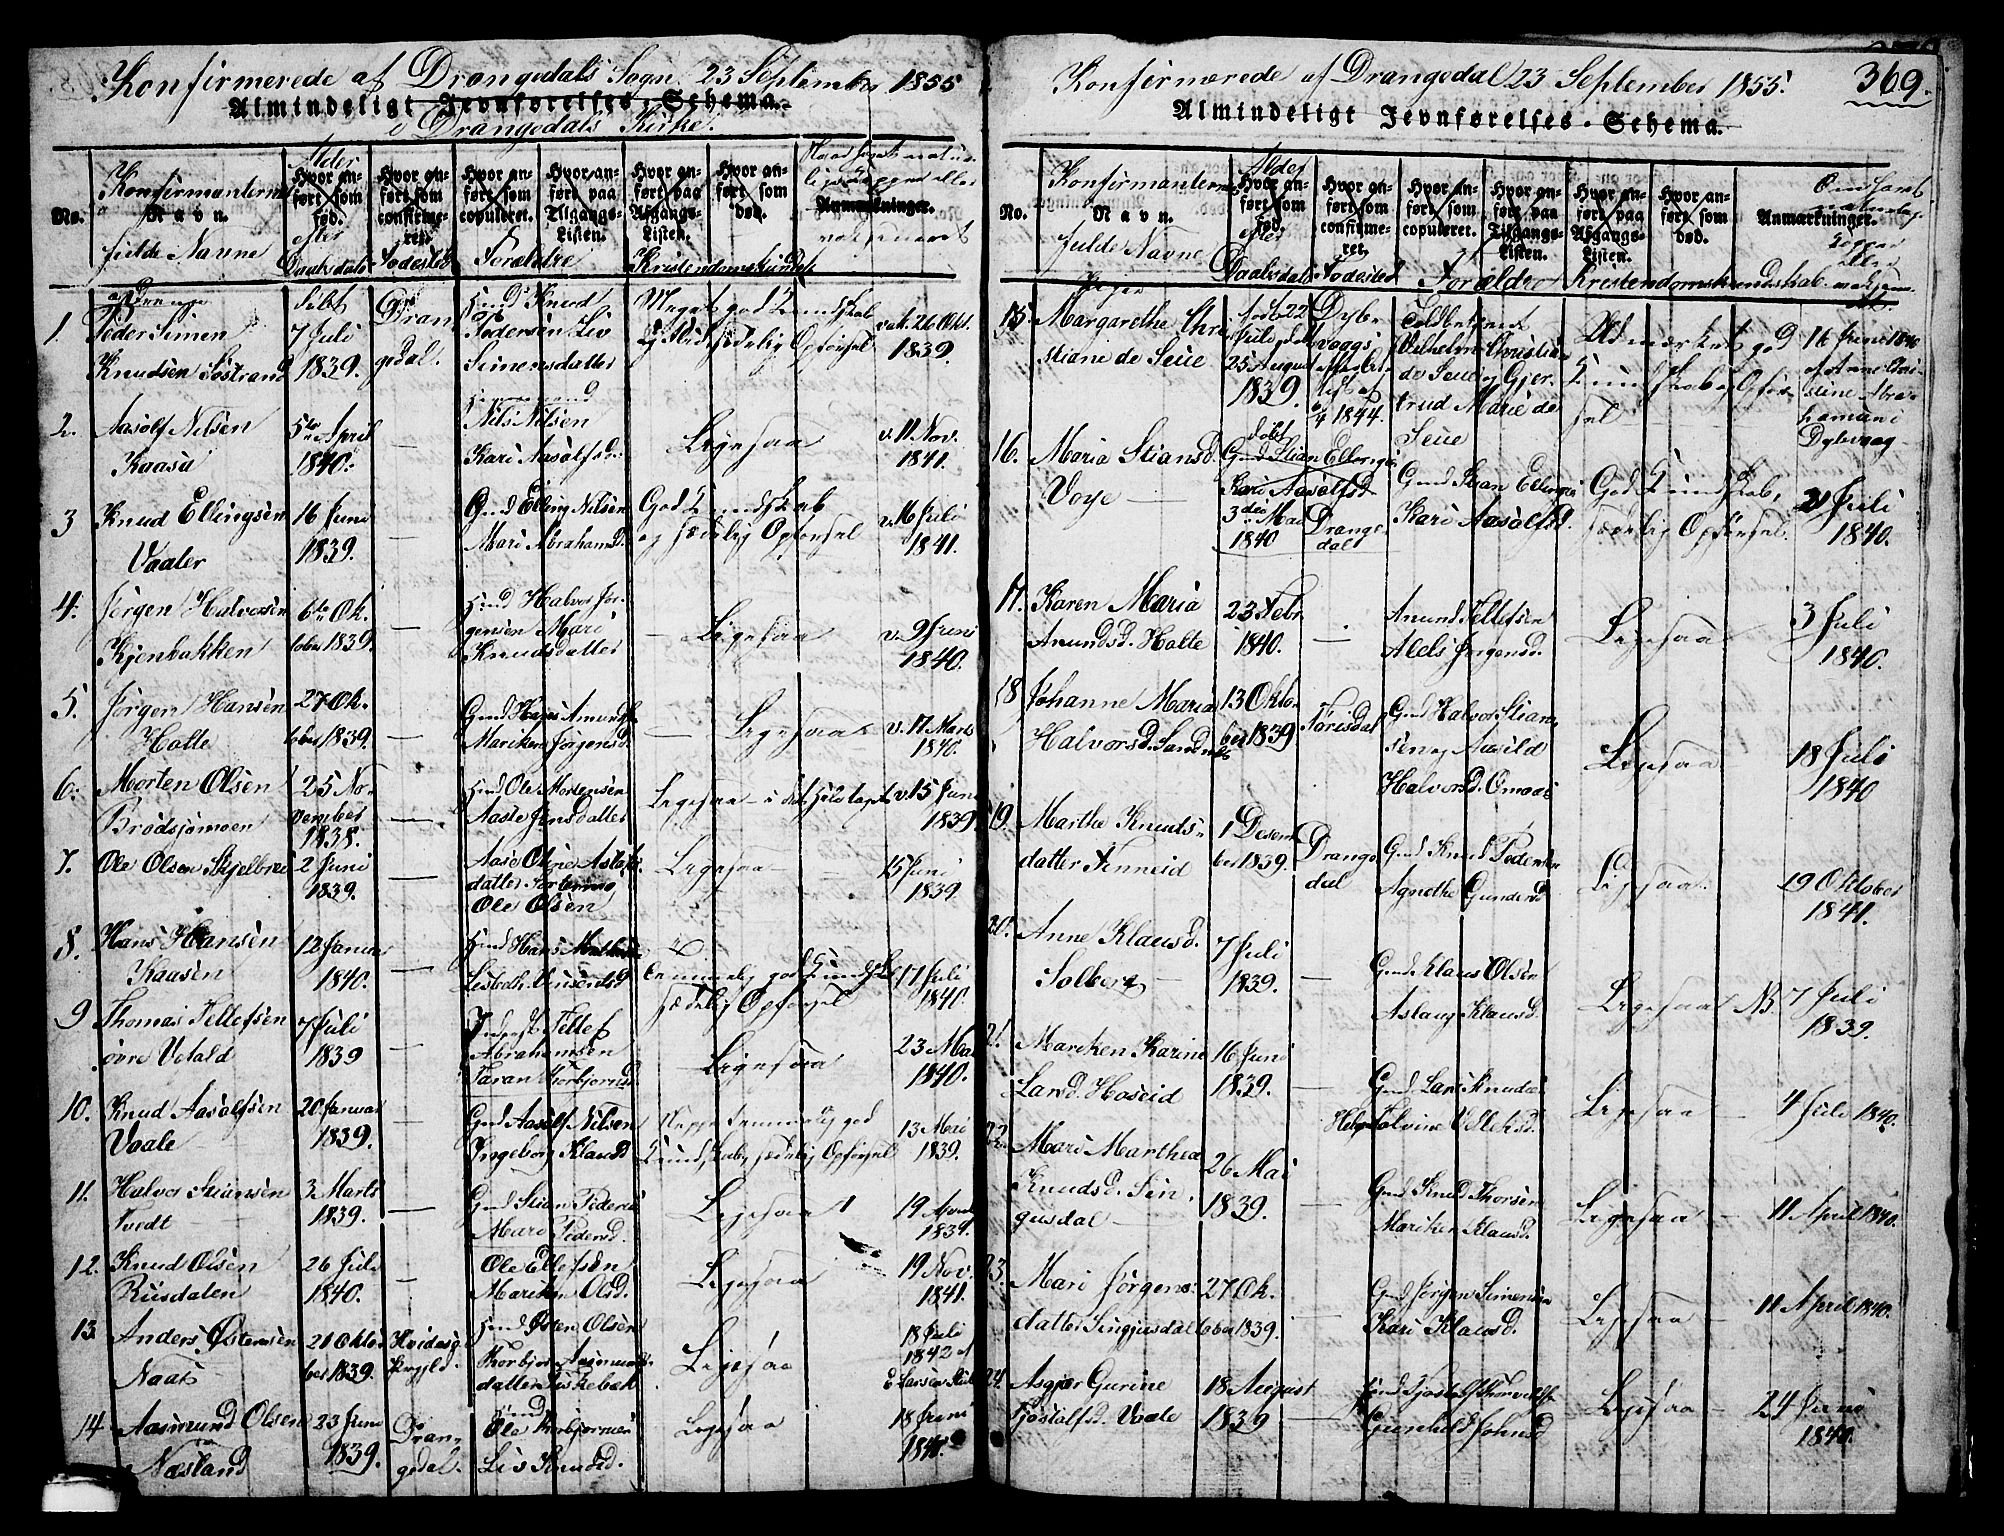 SAKO, Drangedal kirkebøker, G/Ga/L0001: Klokkerbok nr. I 1 /1, 1814-1856, s. 369